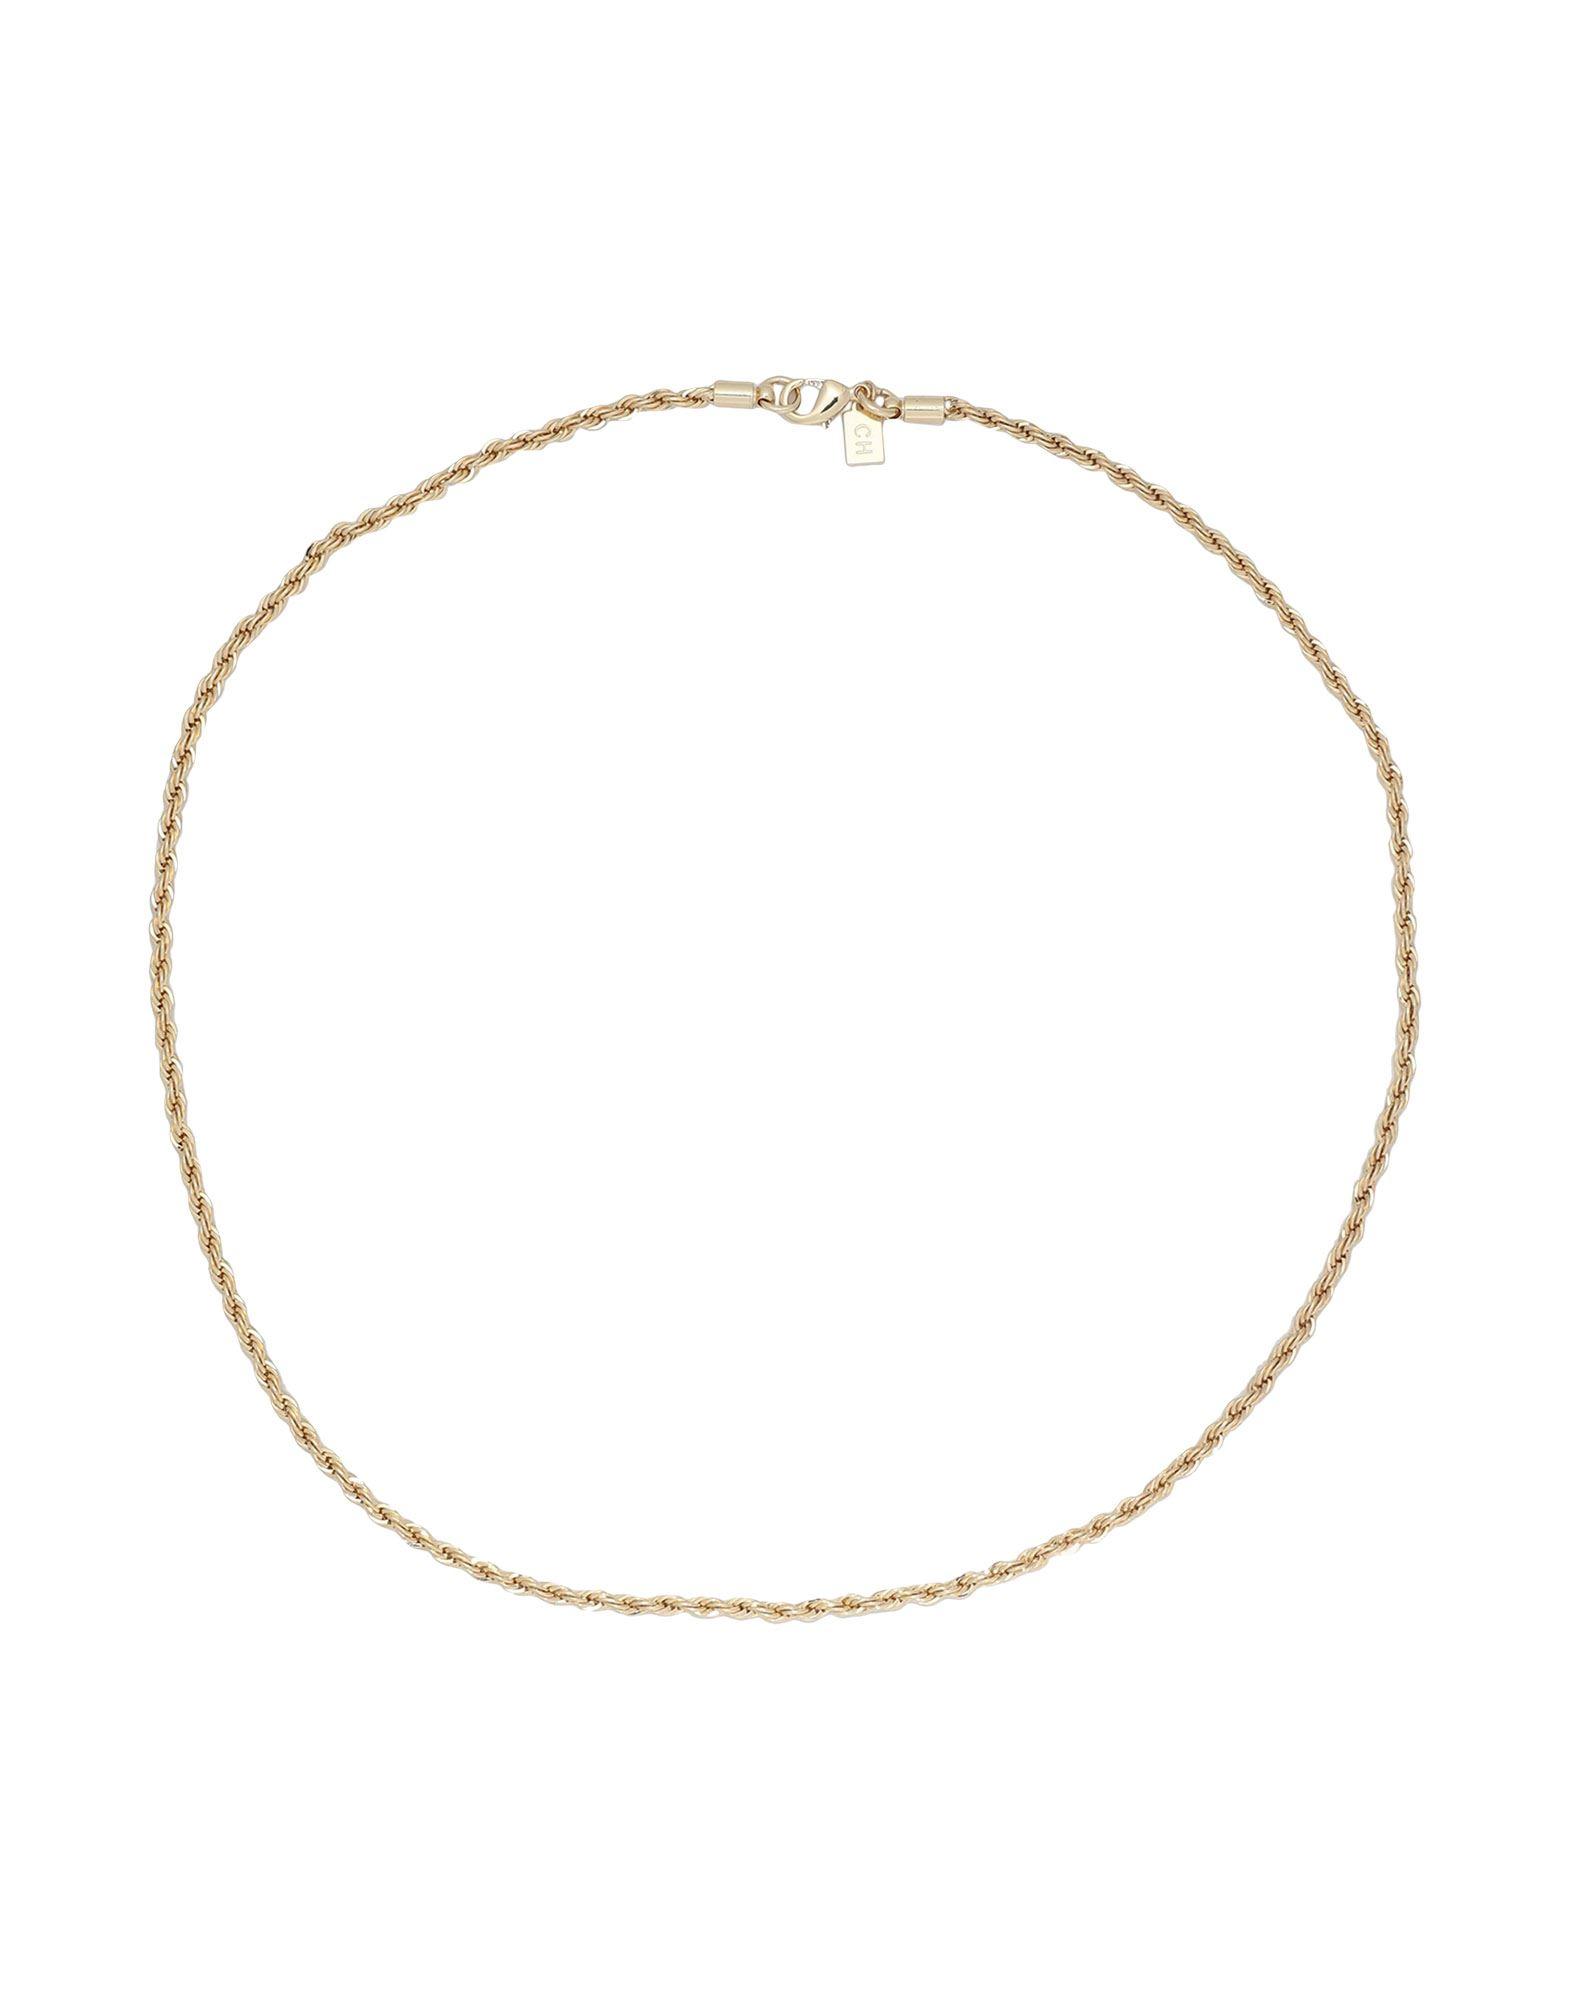 《セール開催中》CRYSTAL HAZE レディース ネックレス ゴールド 真鍮/ブラス / 18金メッキ ROPE CHAIN